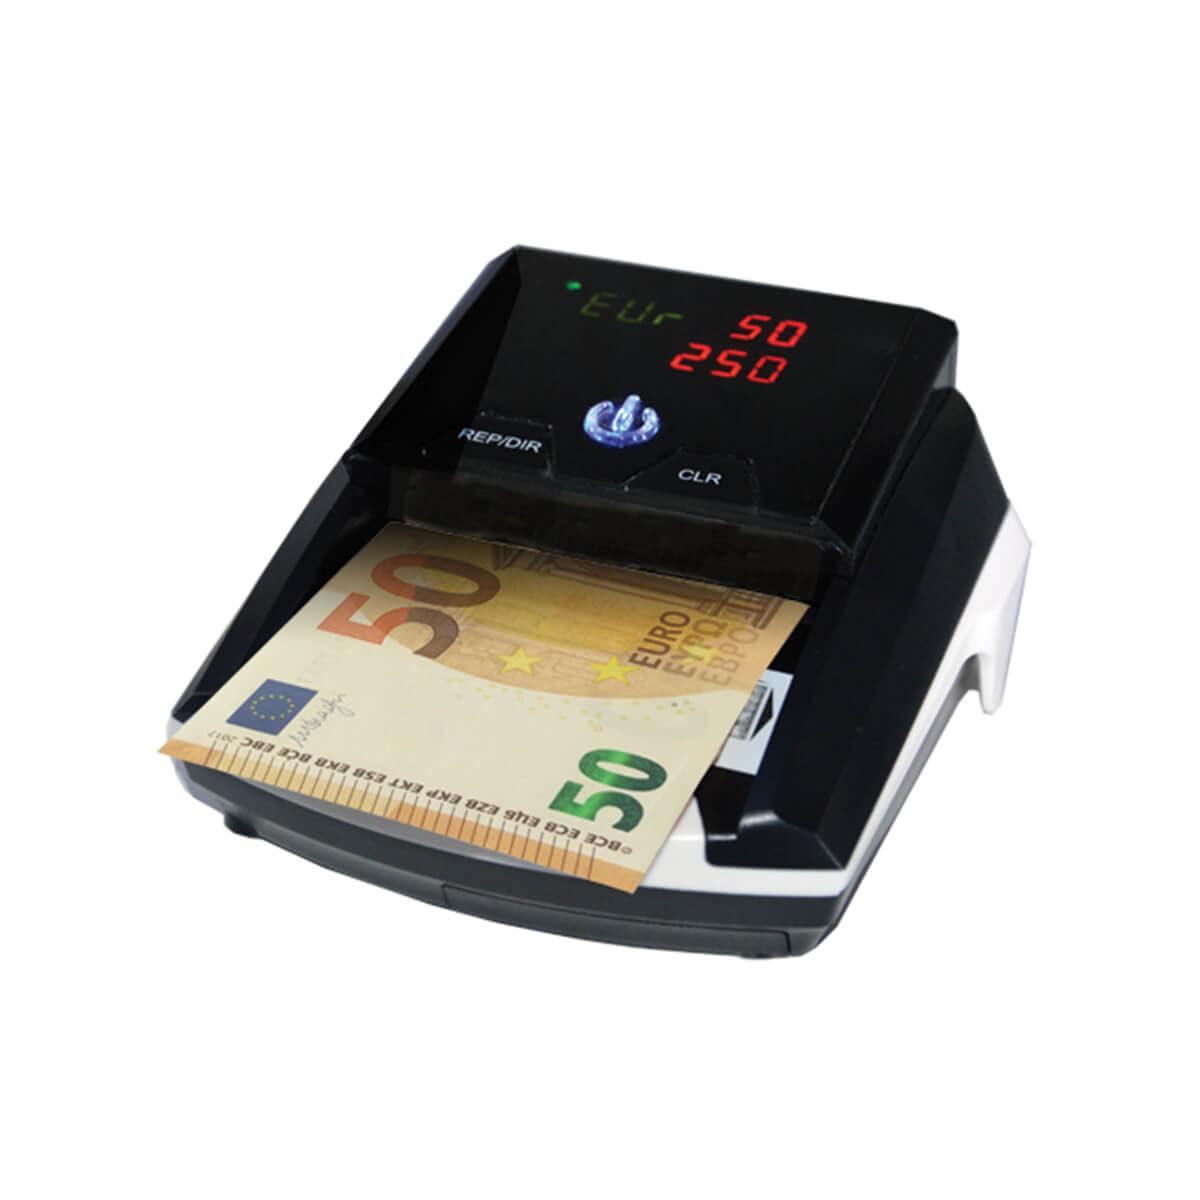 Francopost Dors 130 Verifica Banconote